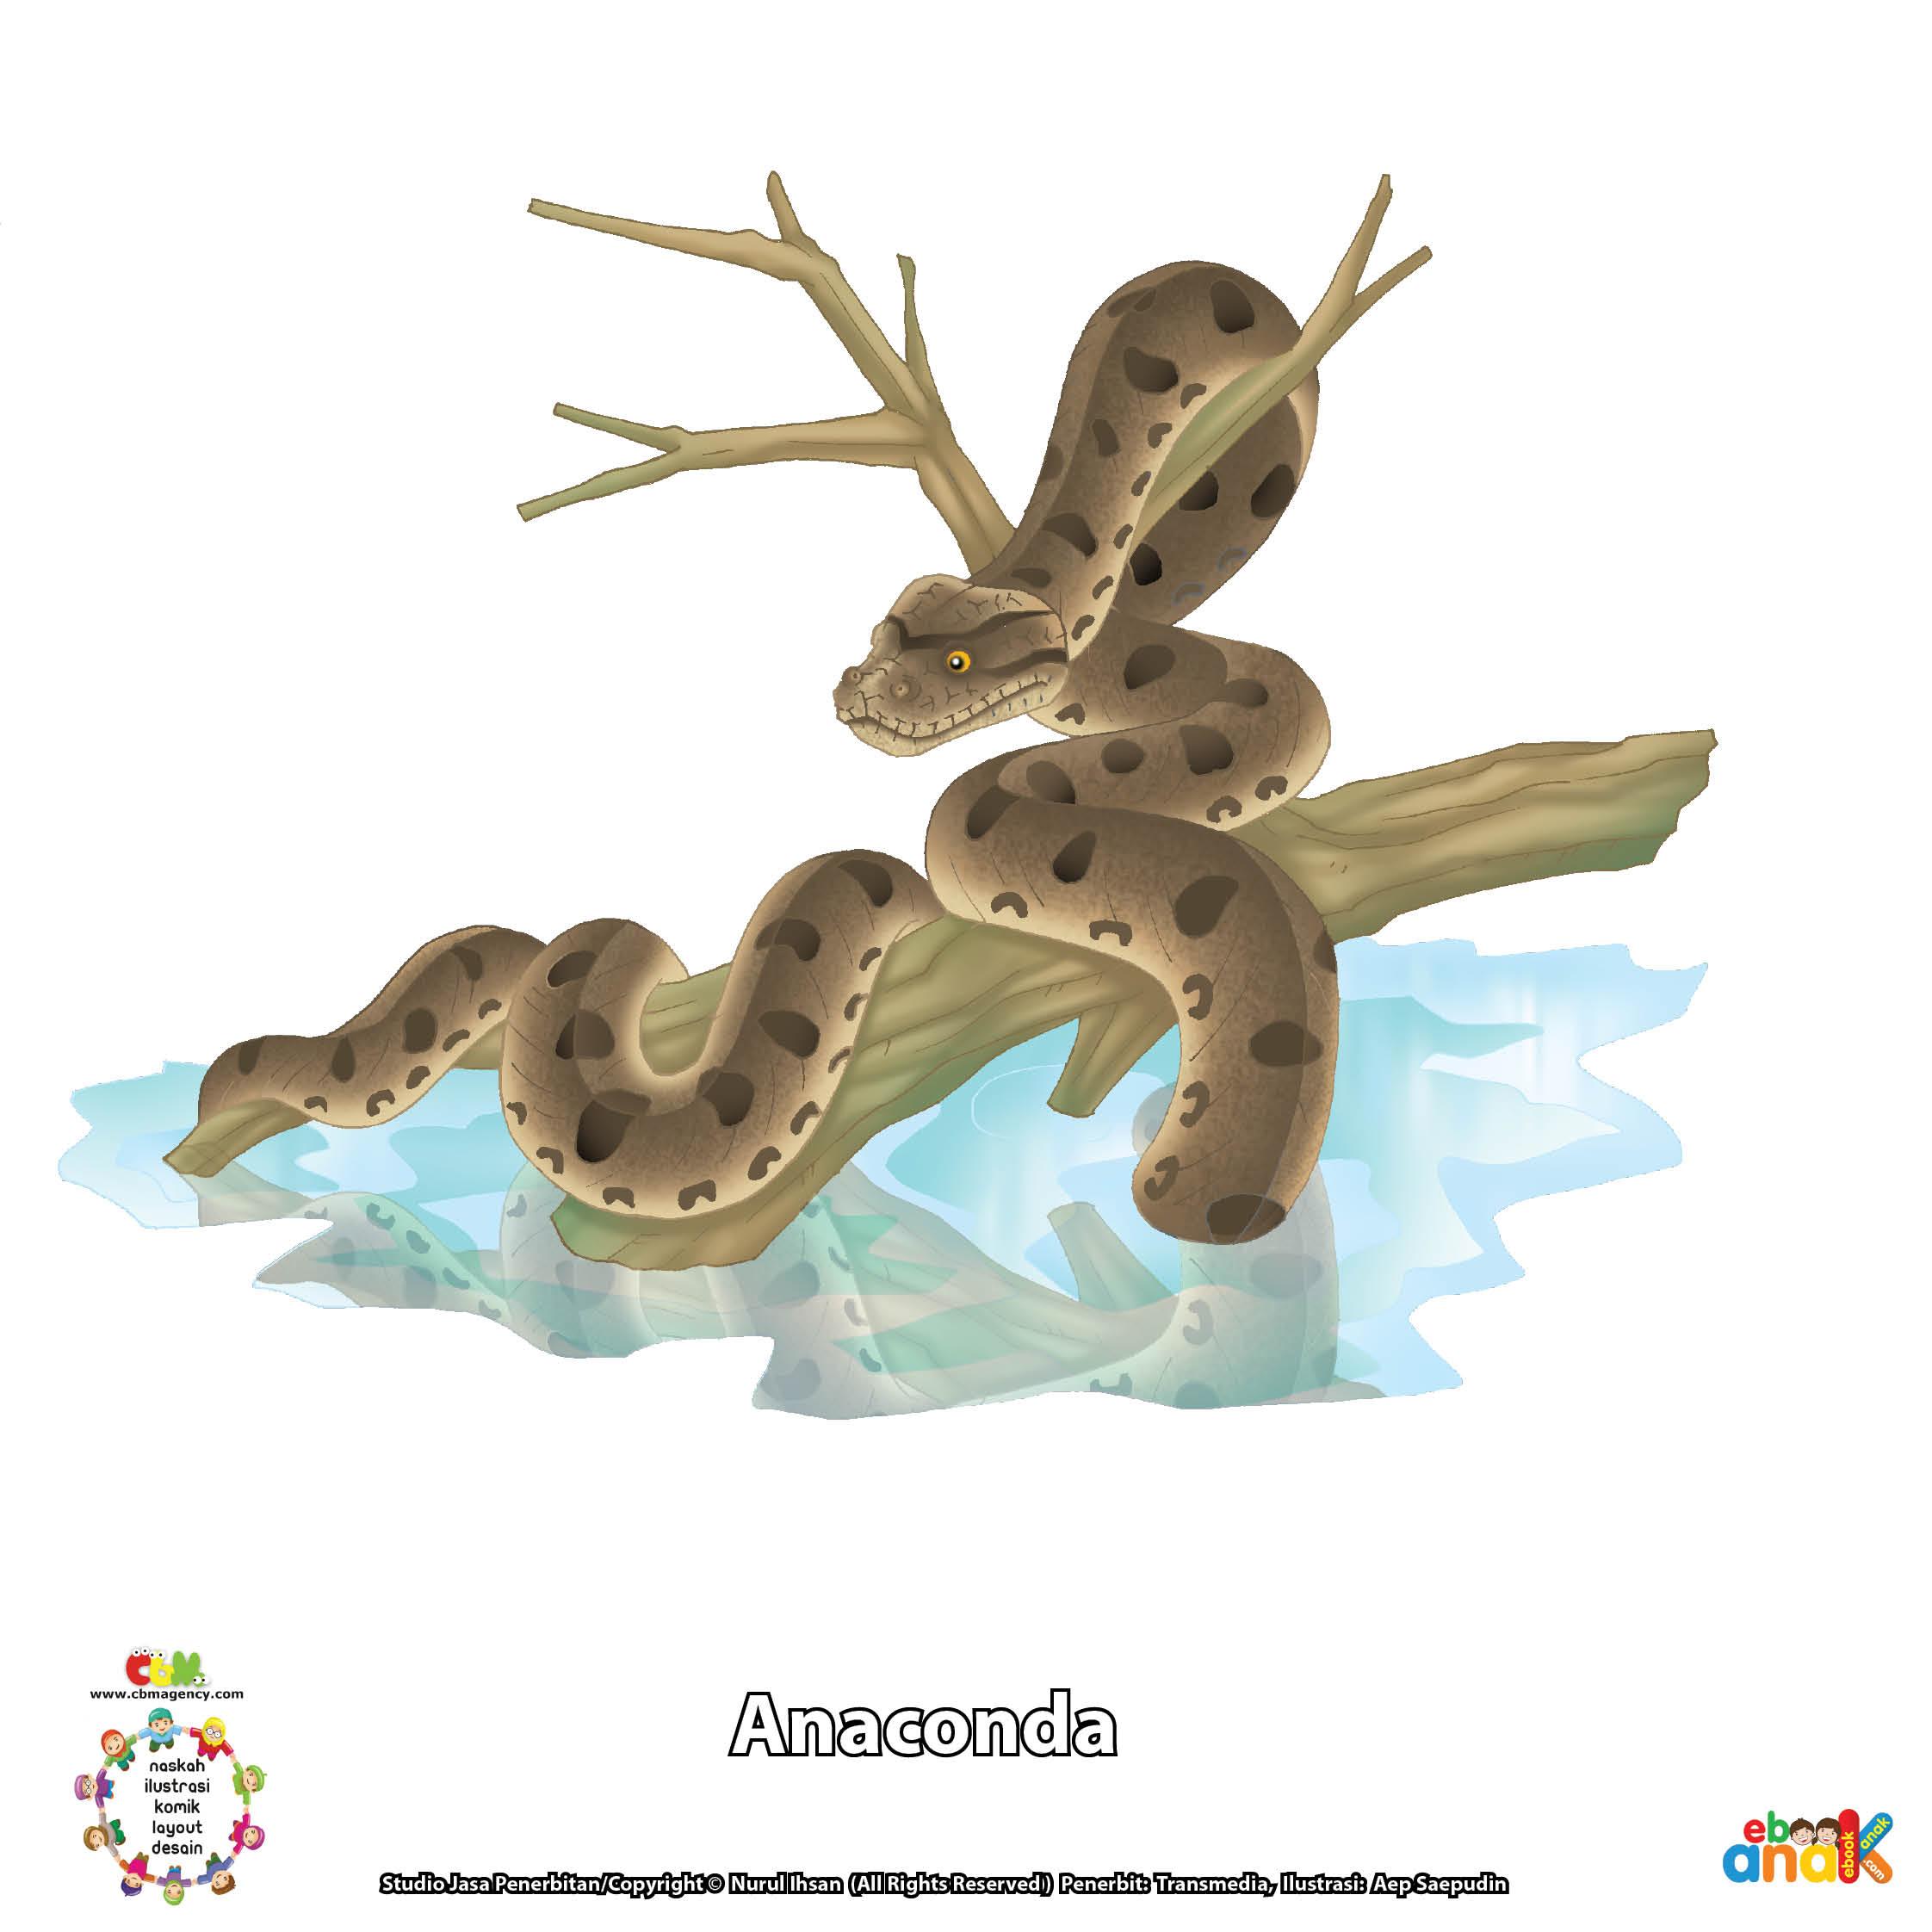 ilustrasi ular anaconda